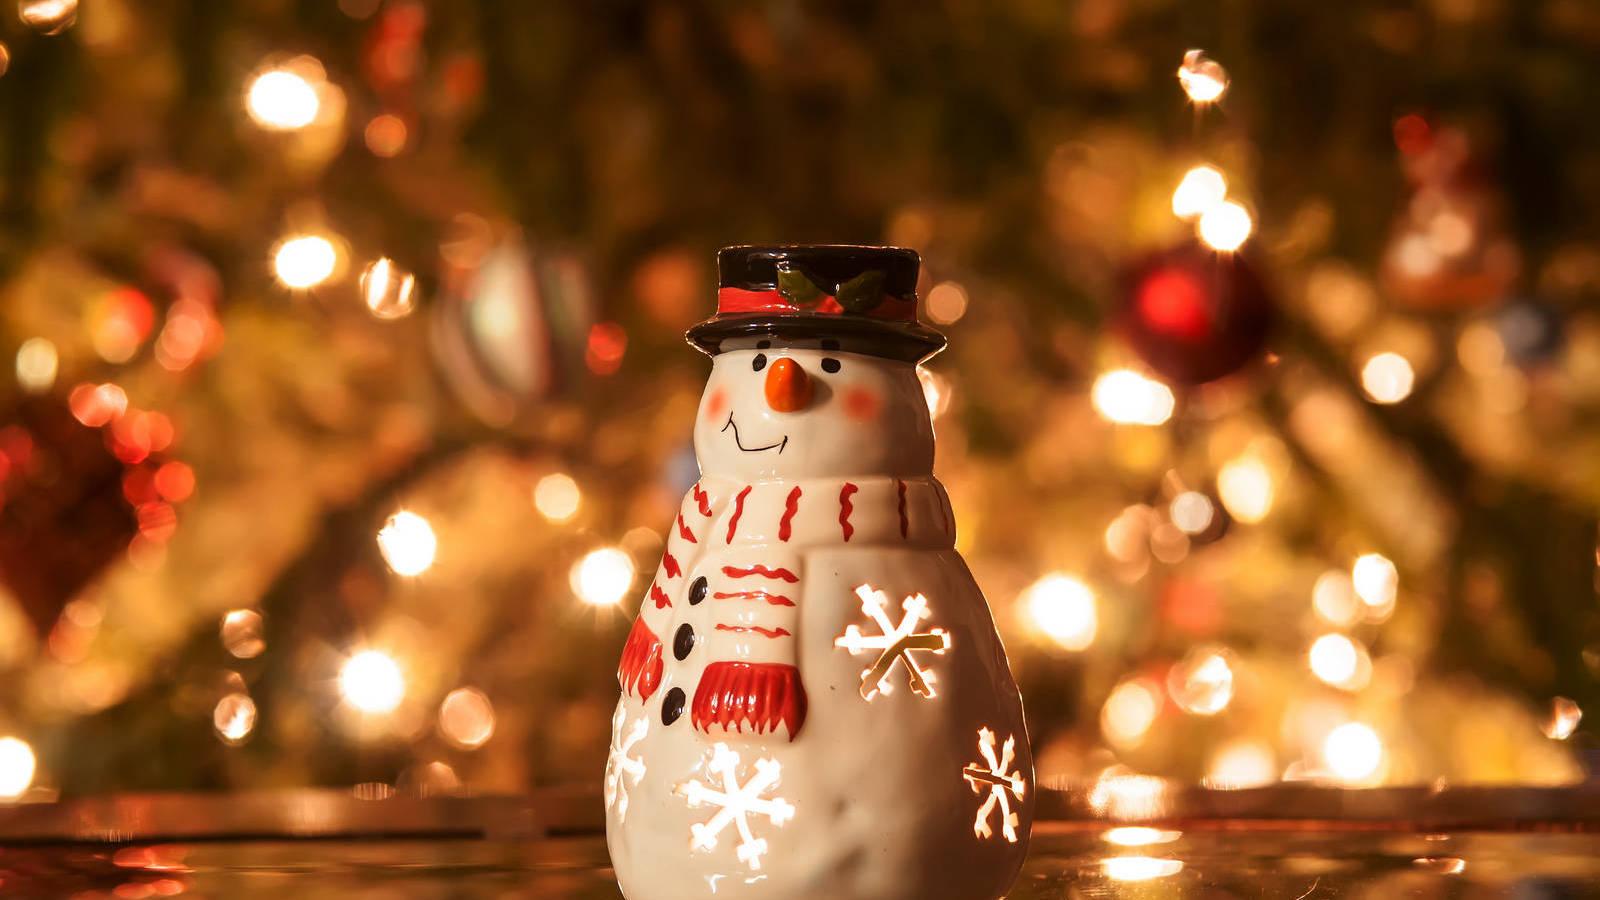 cuando-empiezan-y-terminan-las-vacaciones-de-navidad-en-tu-comunidad.jpg